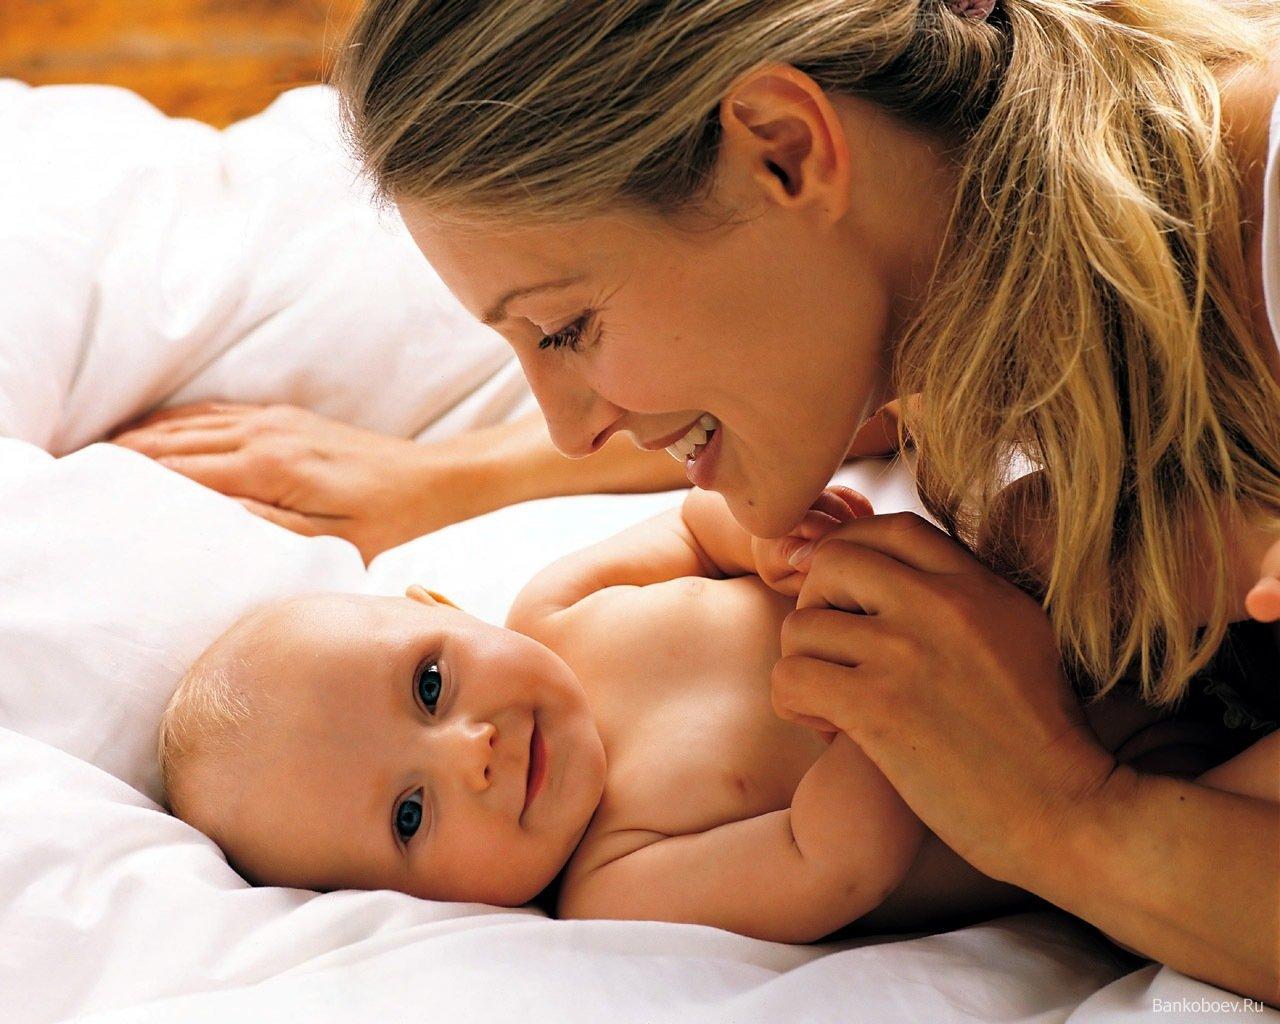 Что делать женщинам без партнера, которые хотят родить ребенка?